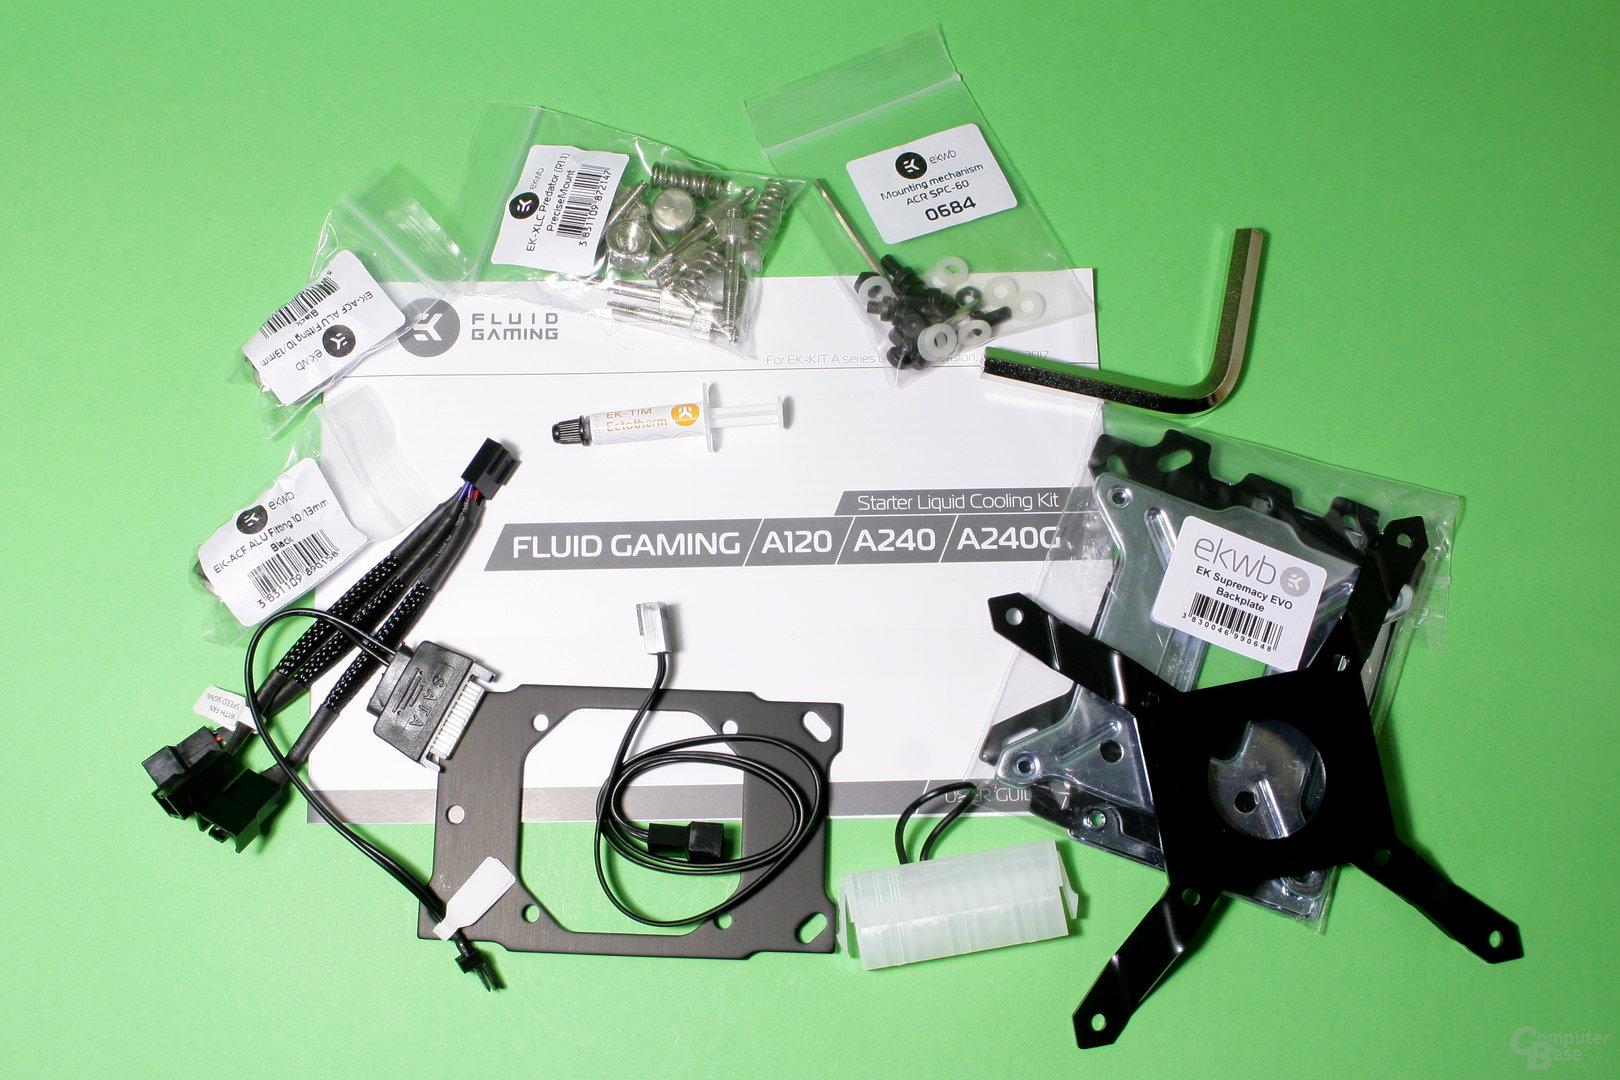 EK Fluid Gaming: Montagezubehör für CPU-Kühler und Pumpe